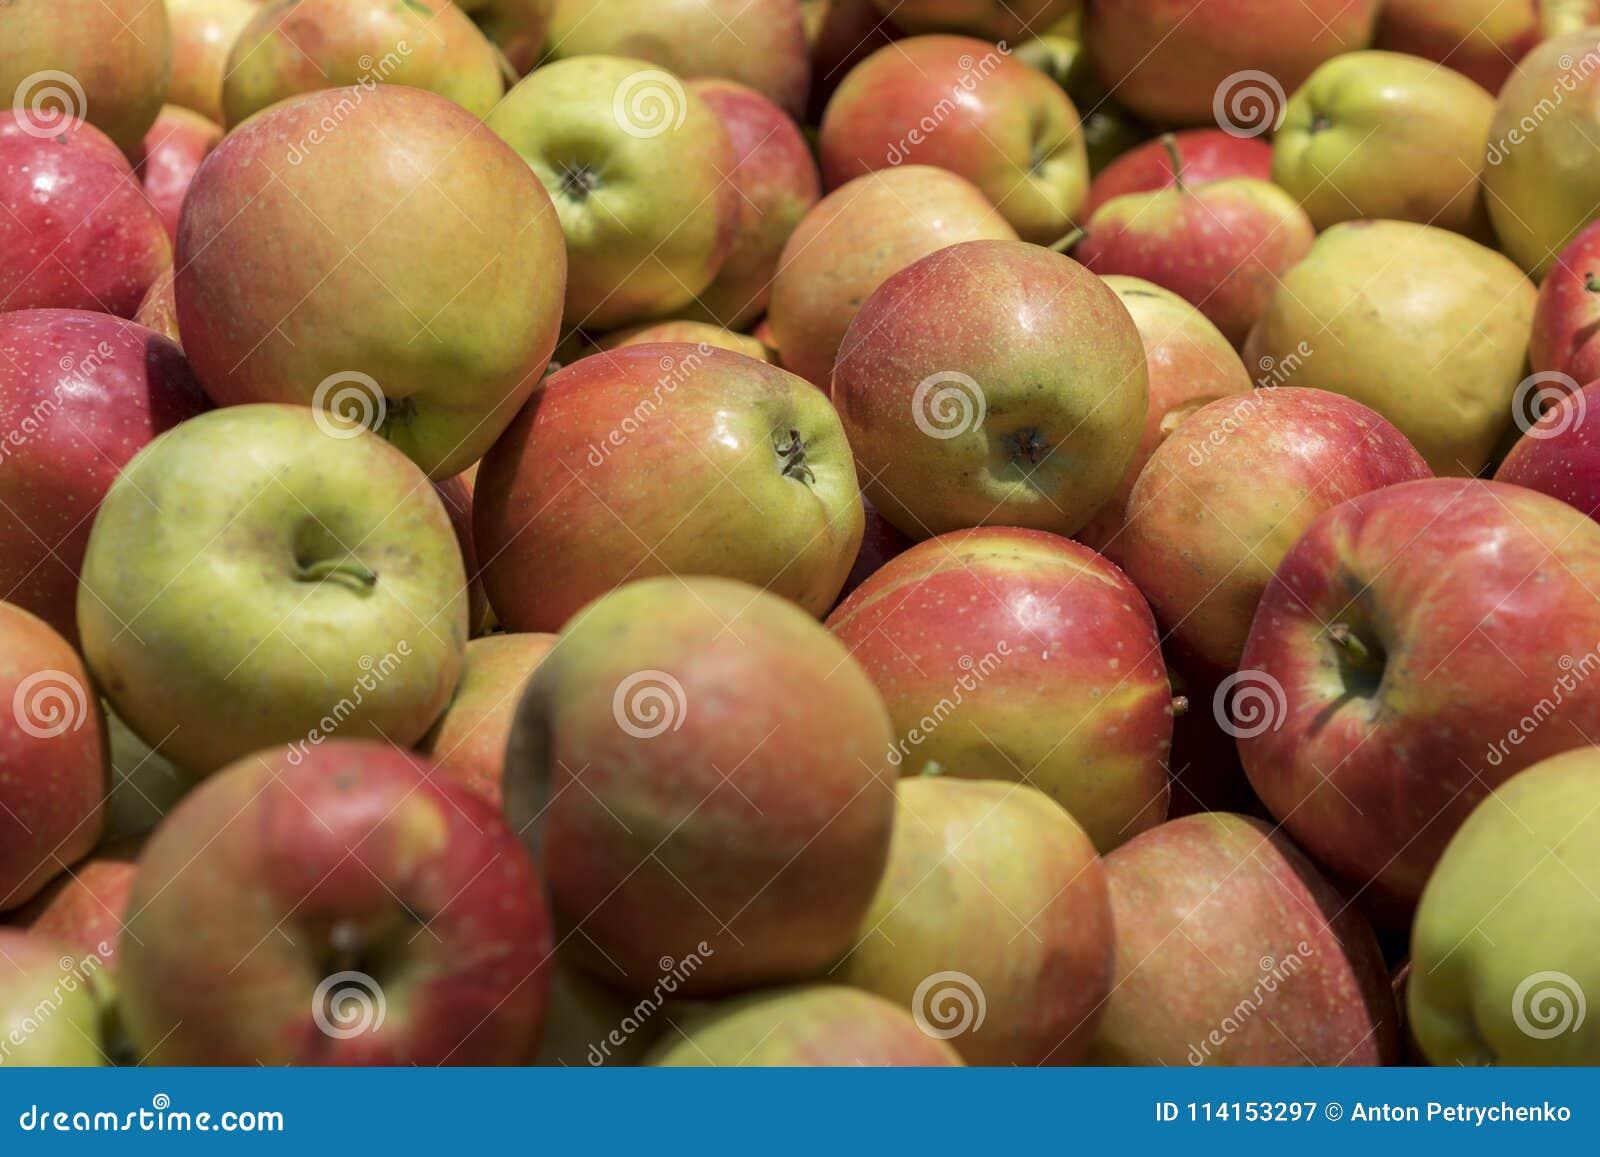 Maçãs vermelhas grandes na loja Muitas maçãs vermelhas na alameda no close up da venda dispararam na imagem natural da cor Alimen